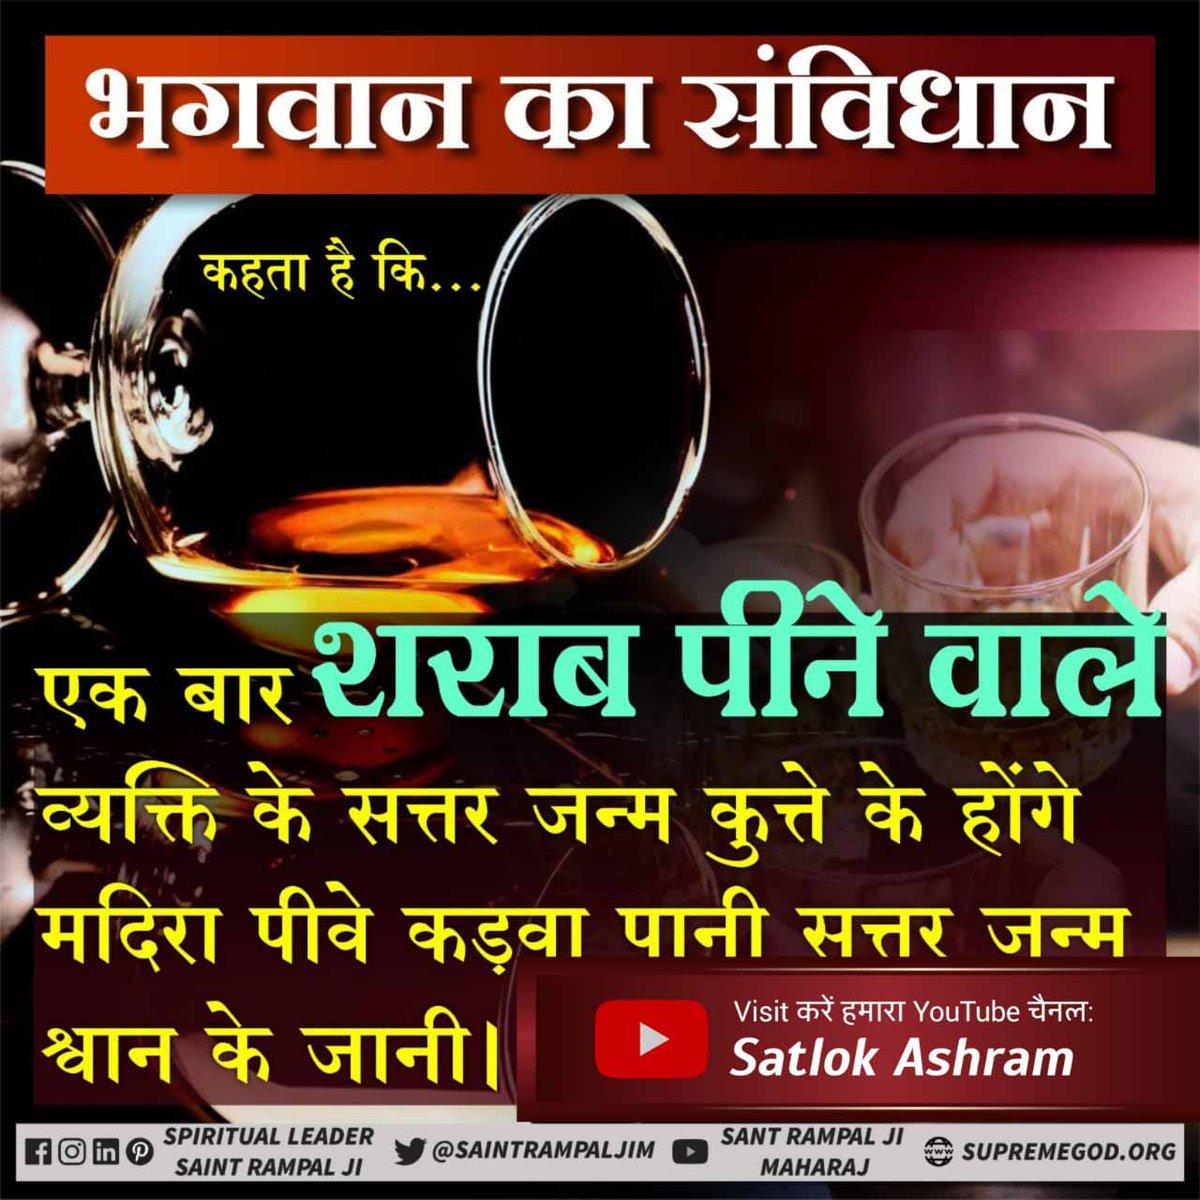 #ConstitutionOfTheSupremeGod Saint Rampal Ji बेटी देवी का स्वरूप है। बेटी को गर्भ में मार दिया जाता है जो महापाप है। @SatlokChannel  @SaintRampalJiM https://t.co/PBrRFDsFHw https://t.co/2T28Y5vGX8